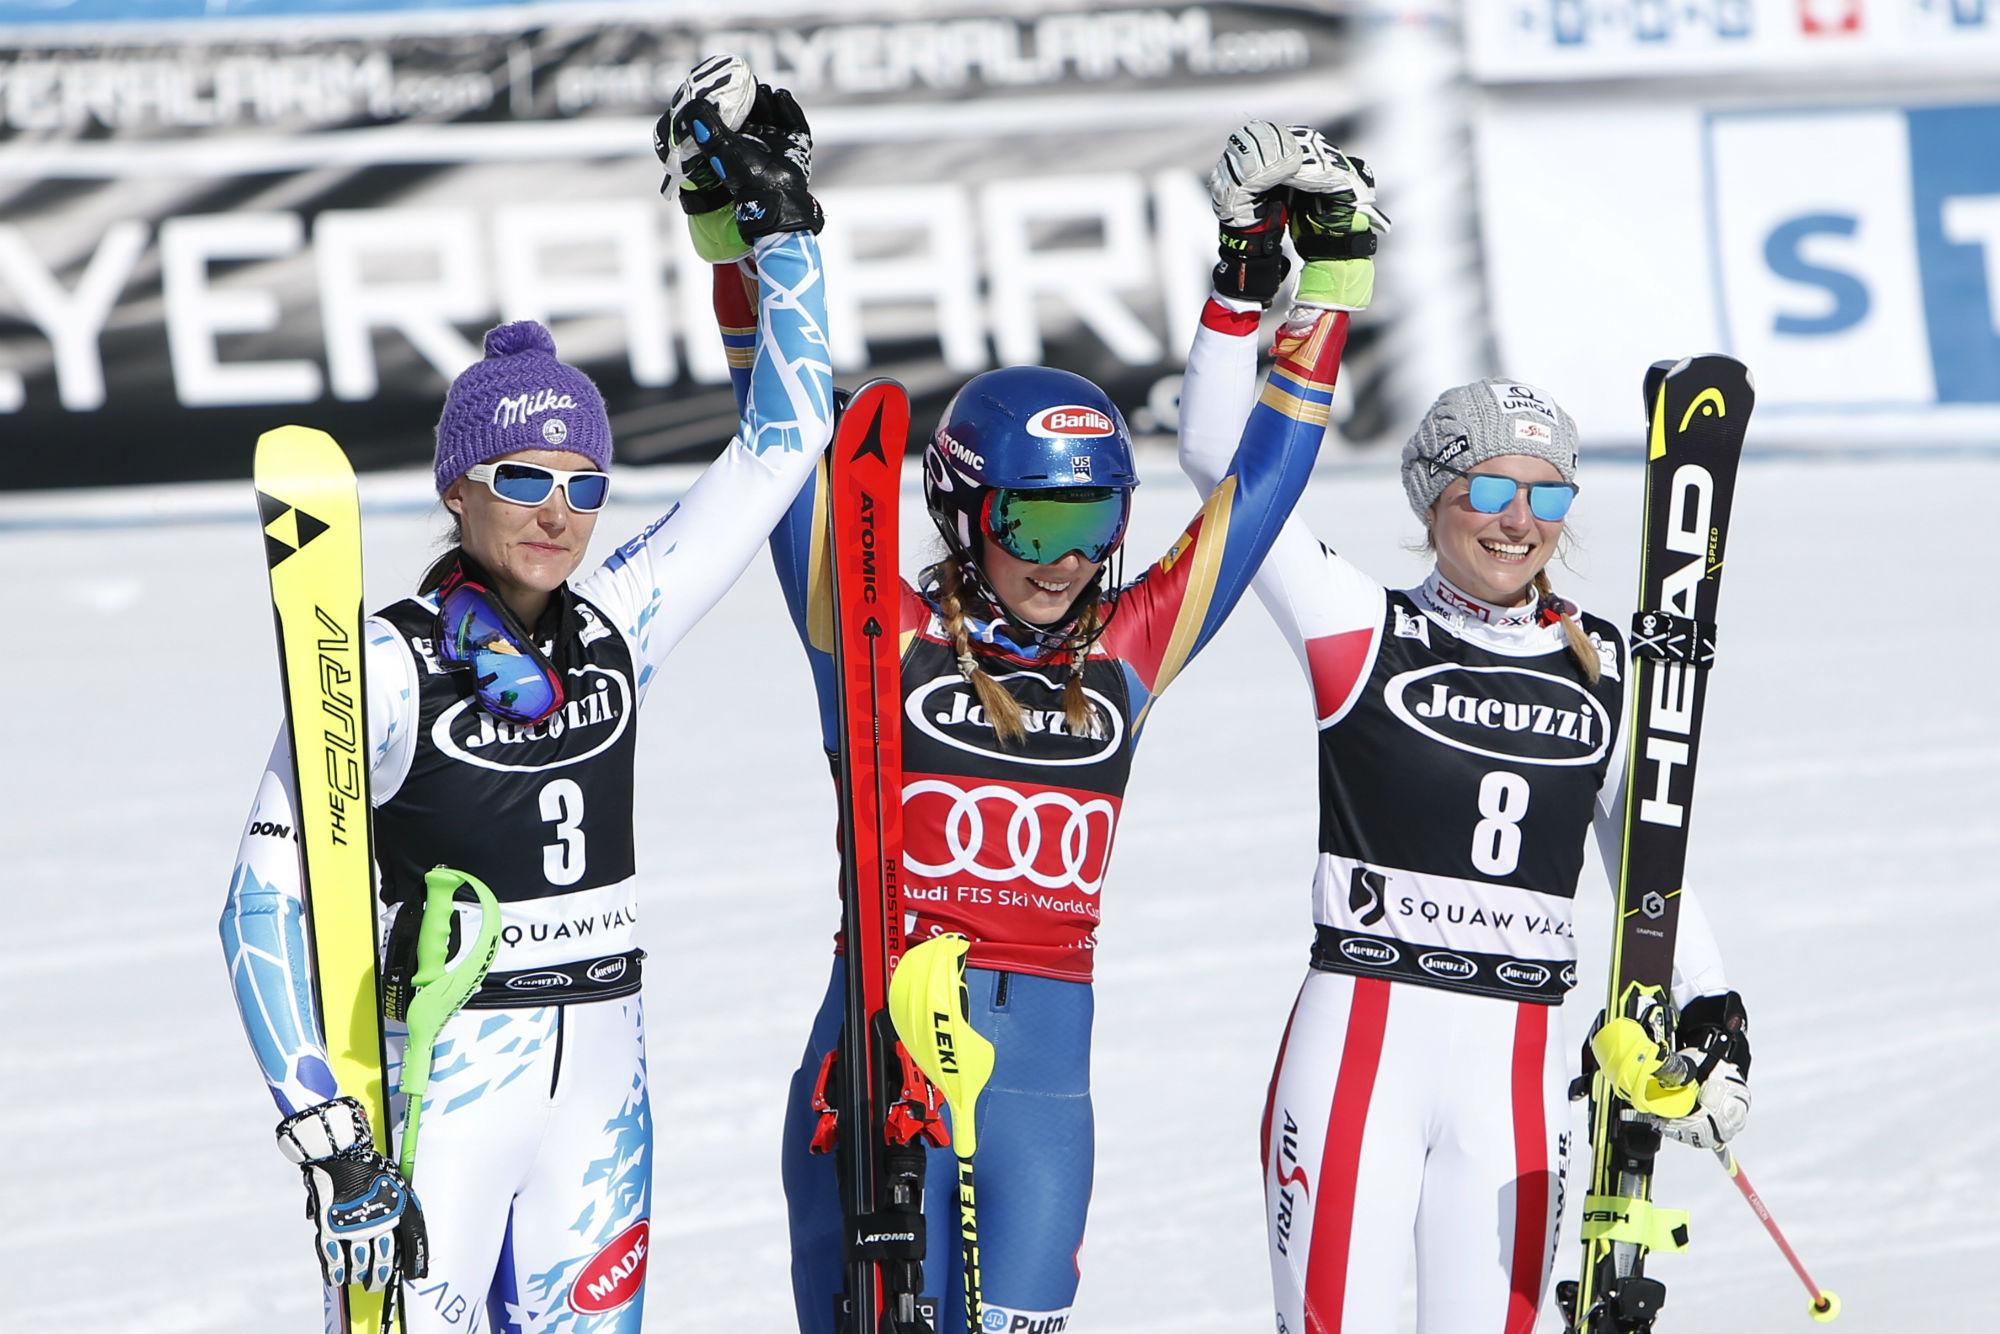 Sarka Strachova, Mikaela Shiffrin e Bernadette Schild sul podio dello slalom di Squaw Valley 2017 (@Zoom agence)